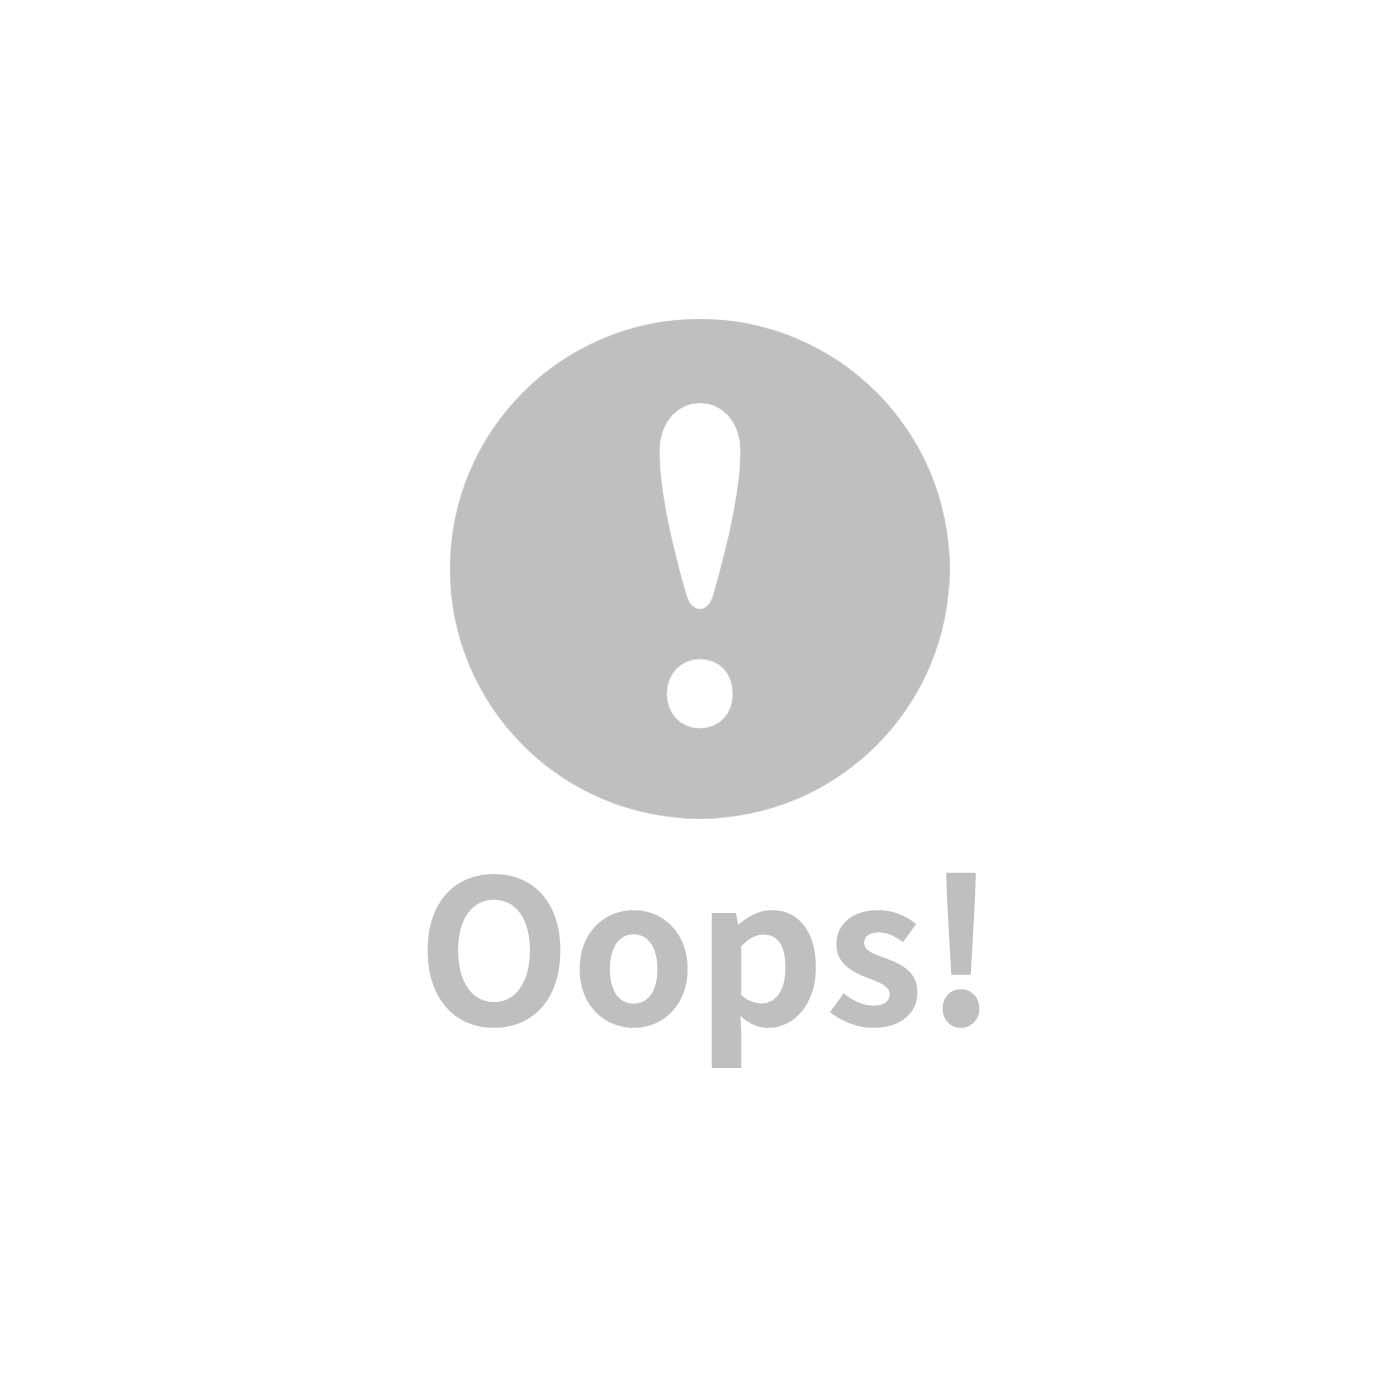 嬰兒用品,寶寶用品,兒童用品